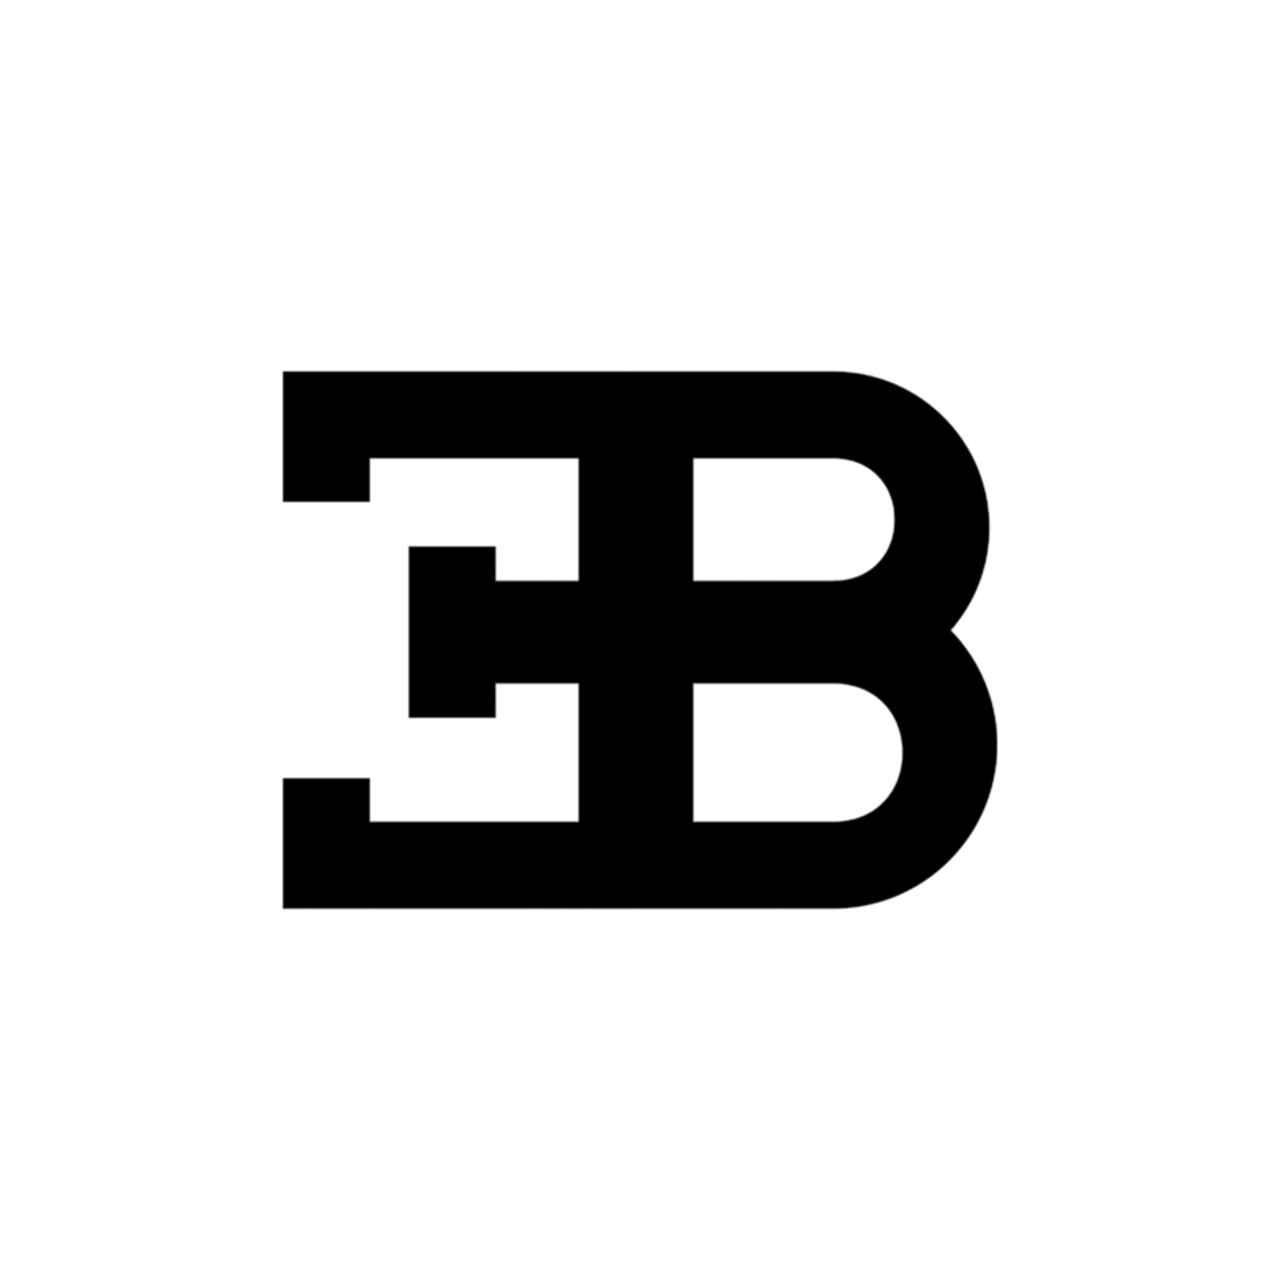 Bugatti logo vinyl decal sticker voltagebd Gallery